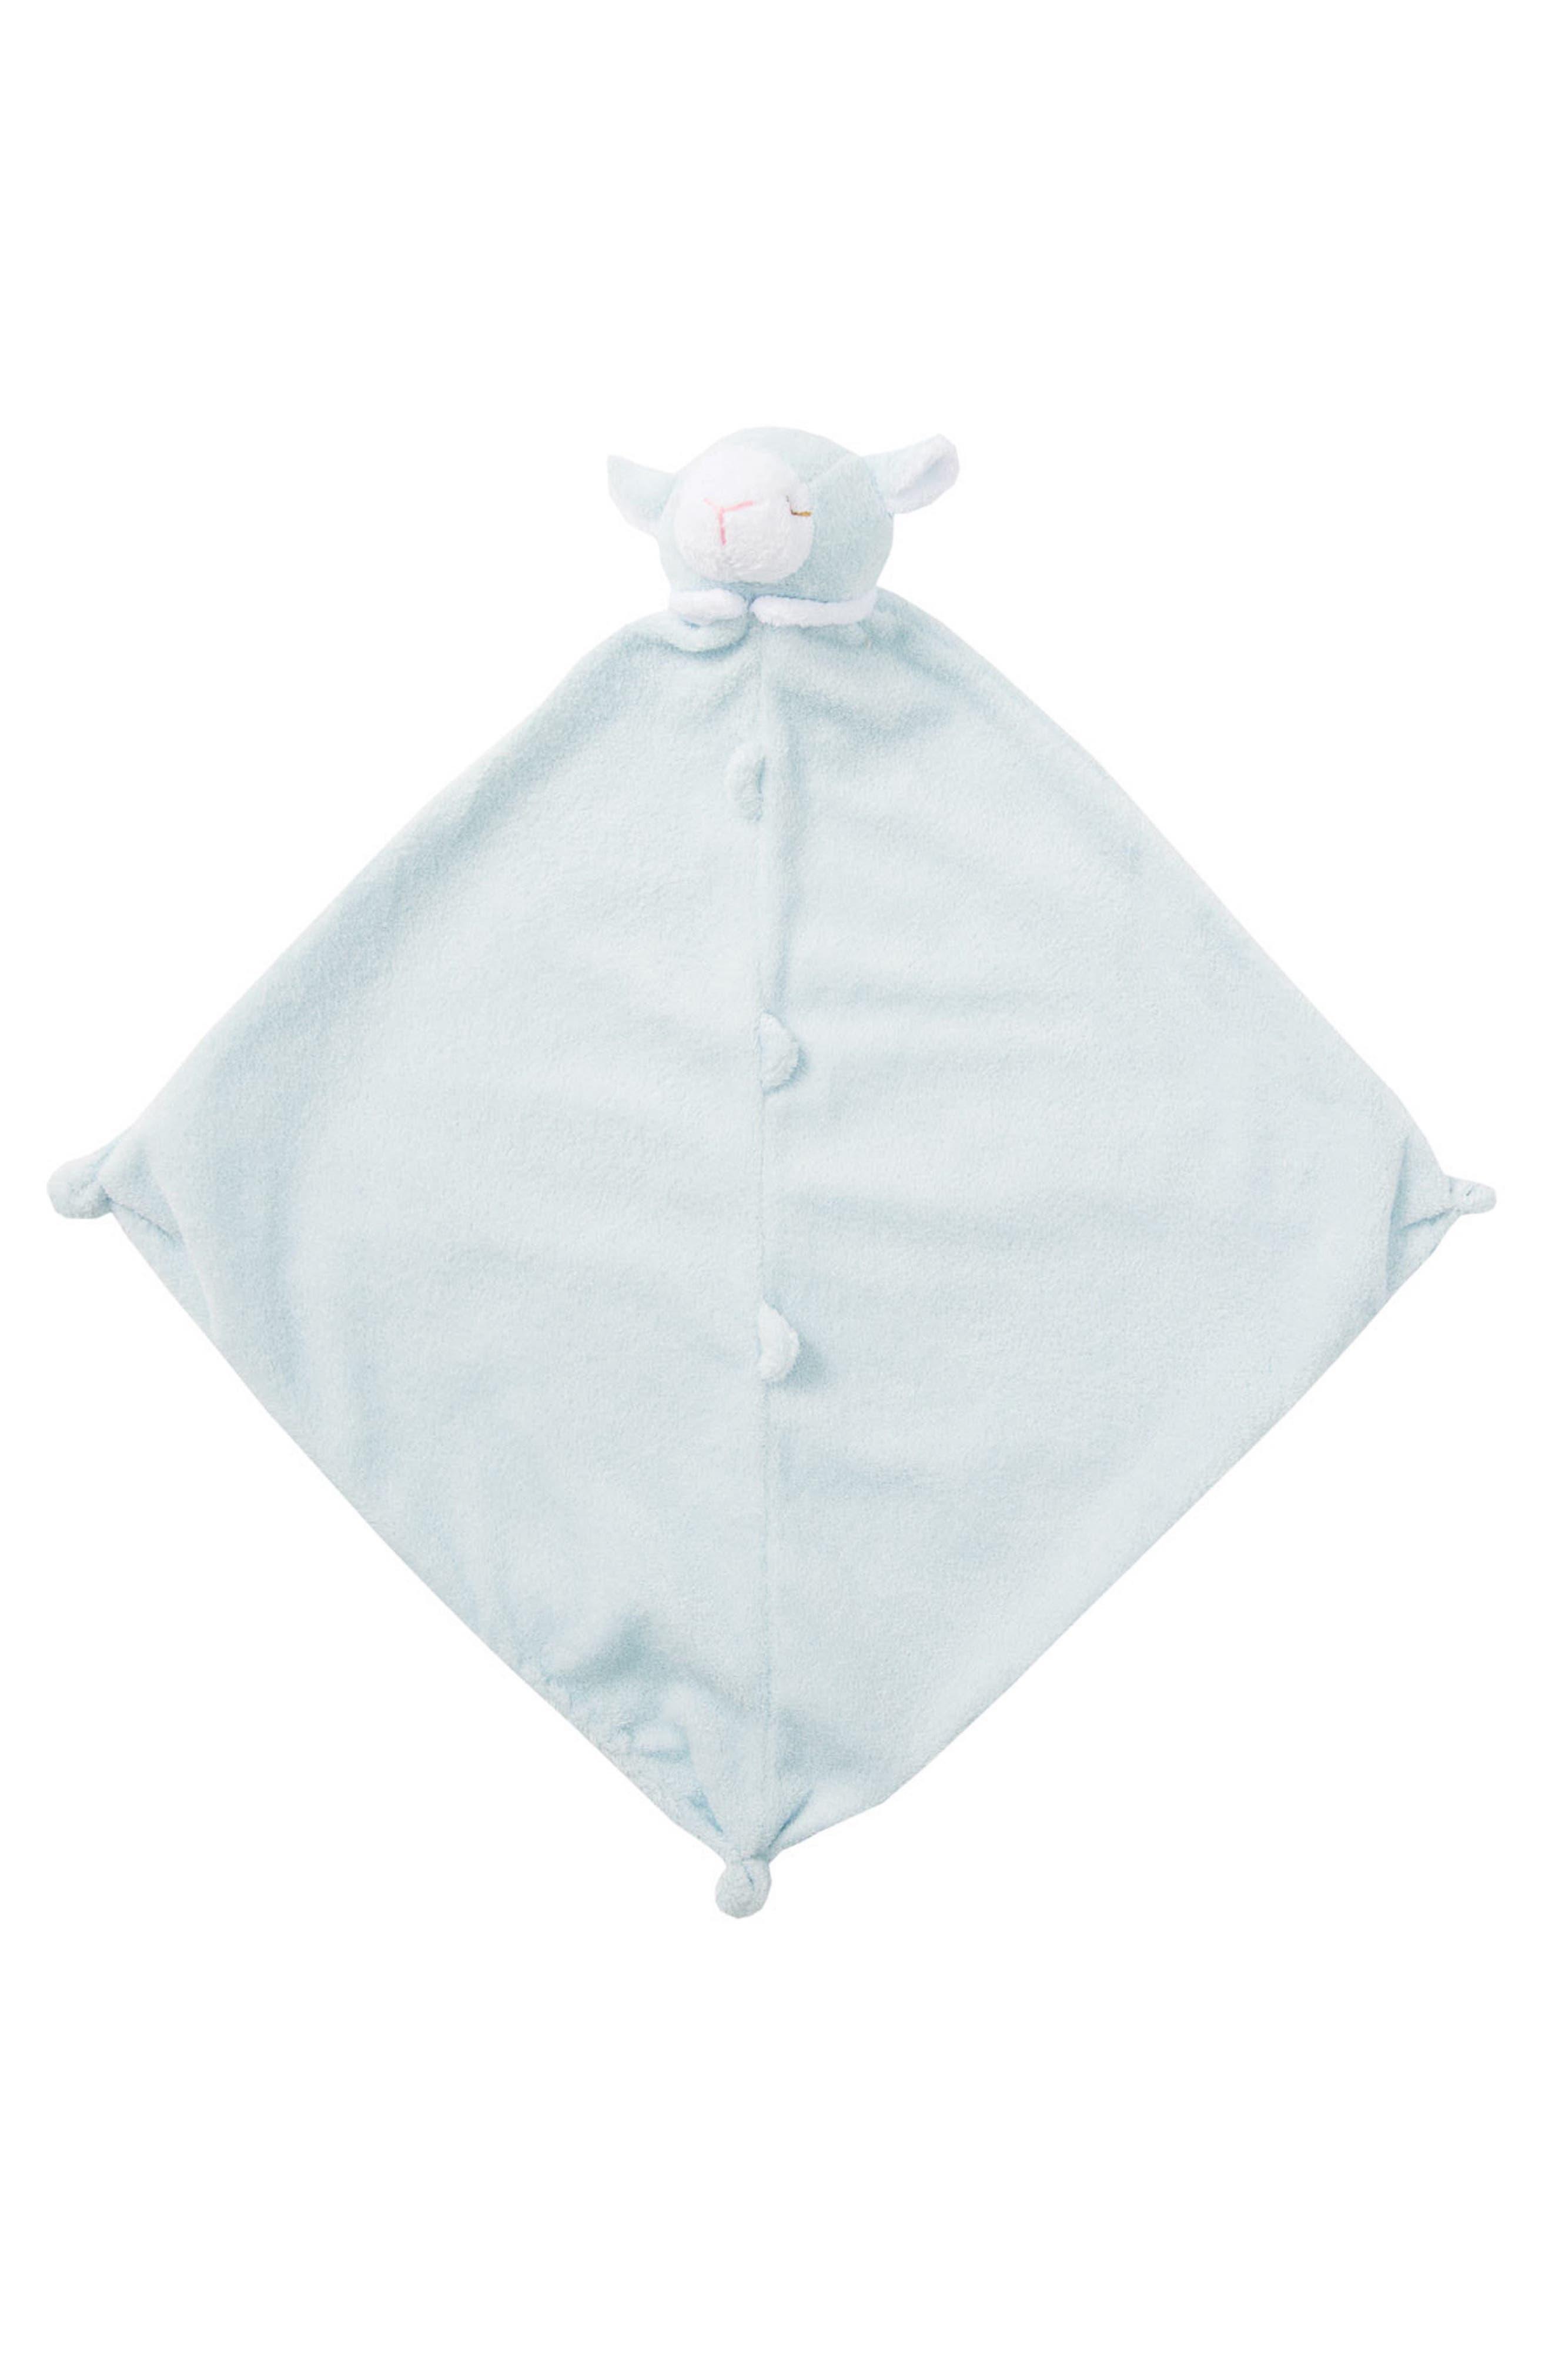 Lamb Jacquard Blanket & Blankie Set,                             Main thumbnail 1, color,                             452